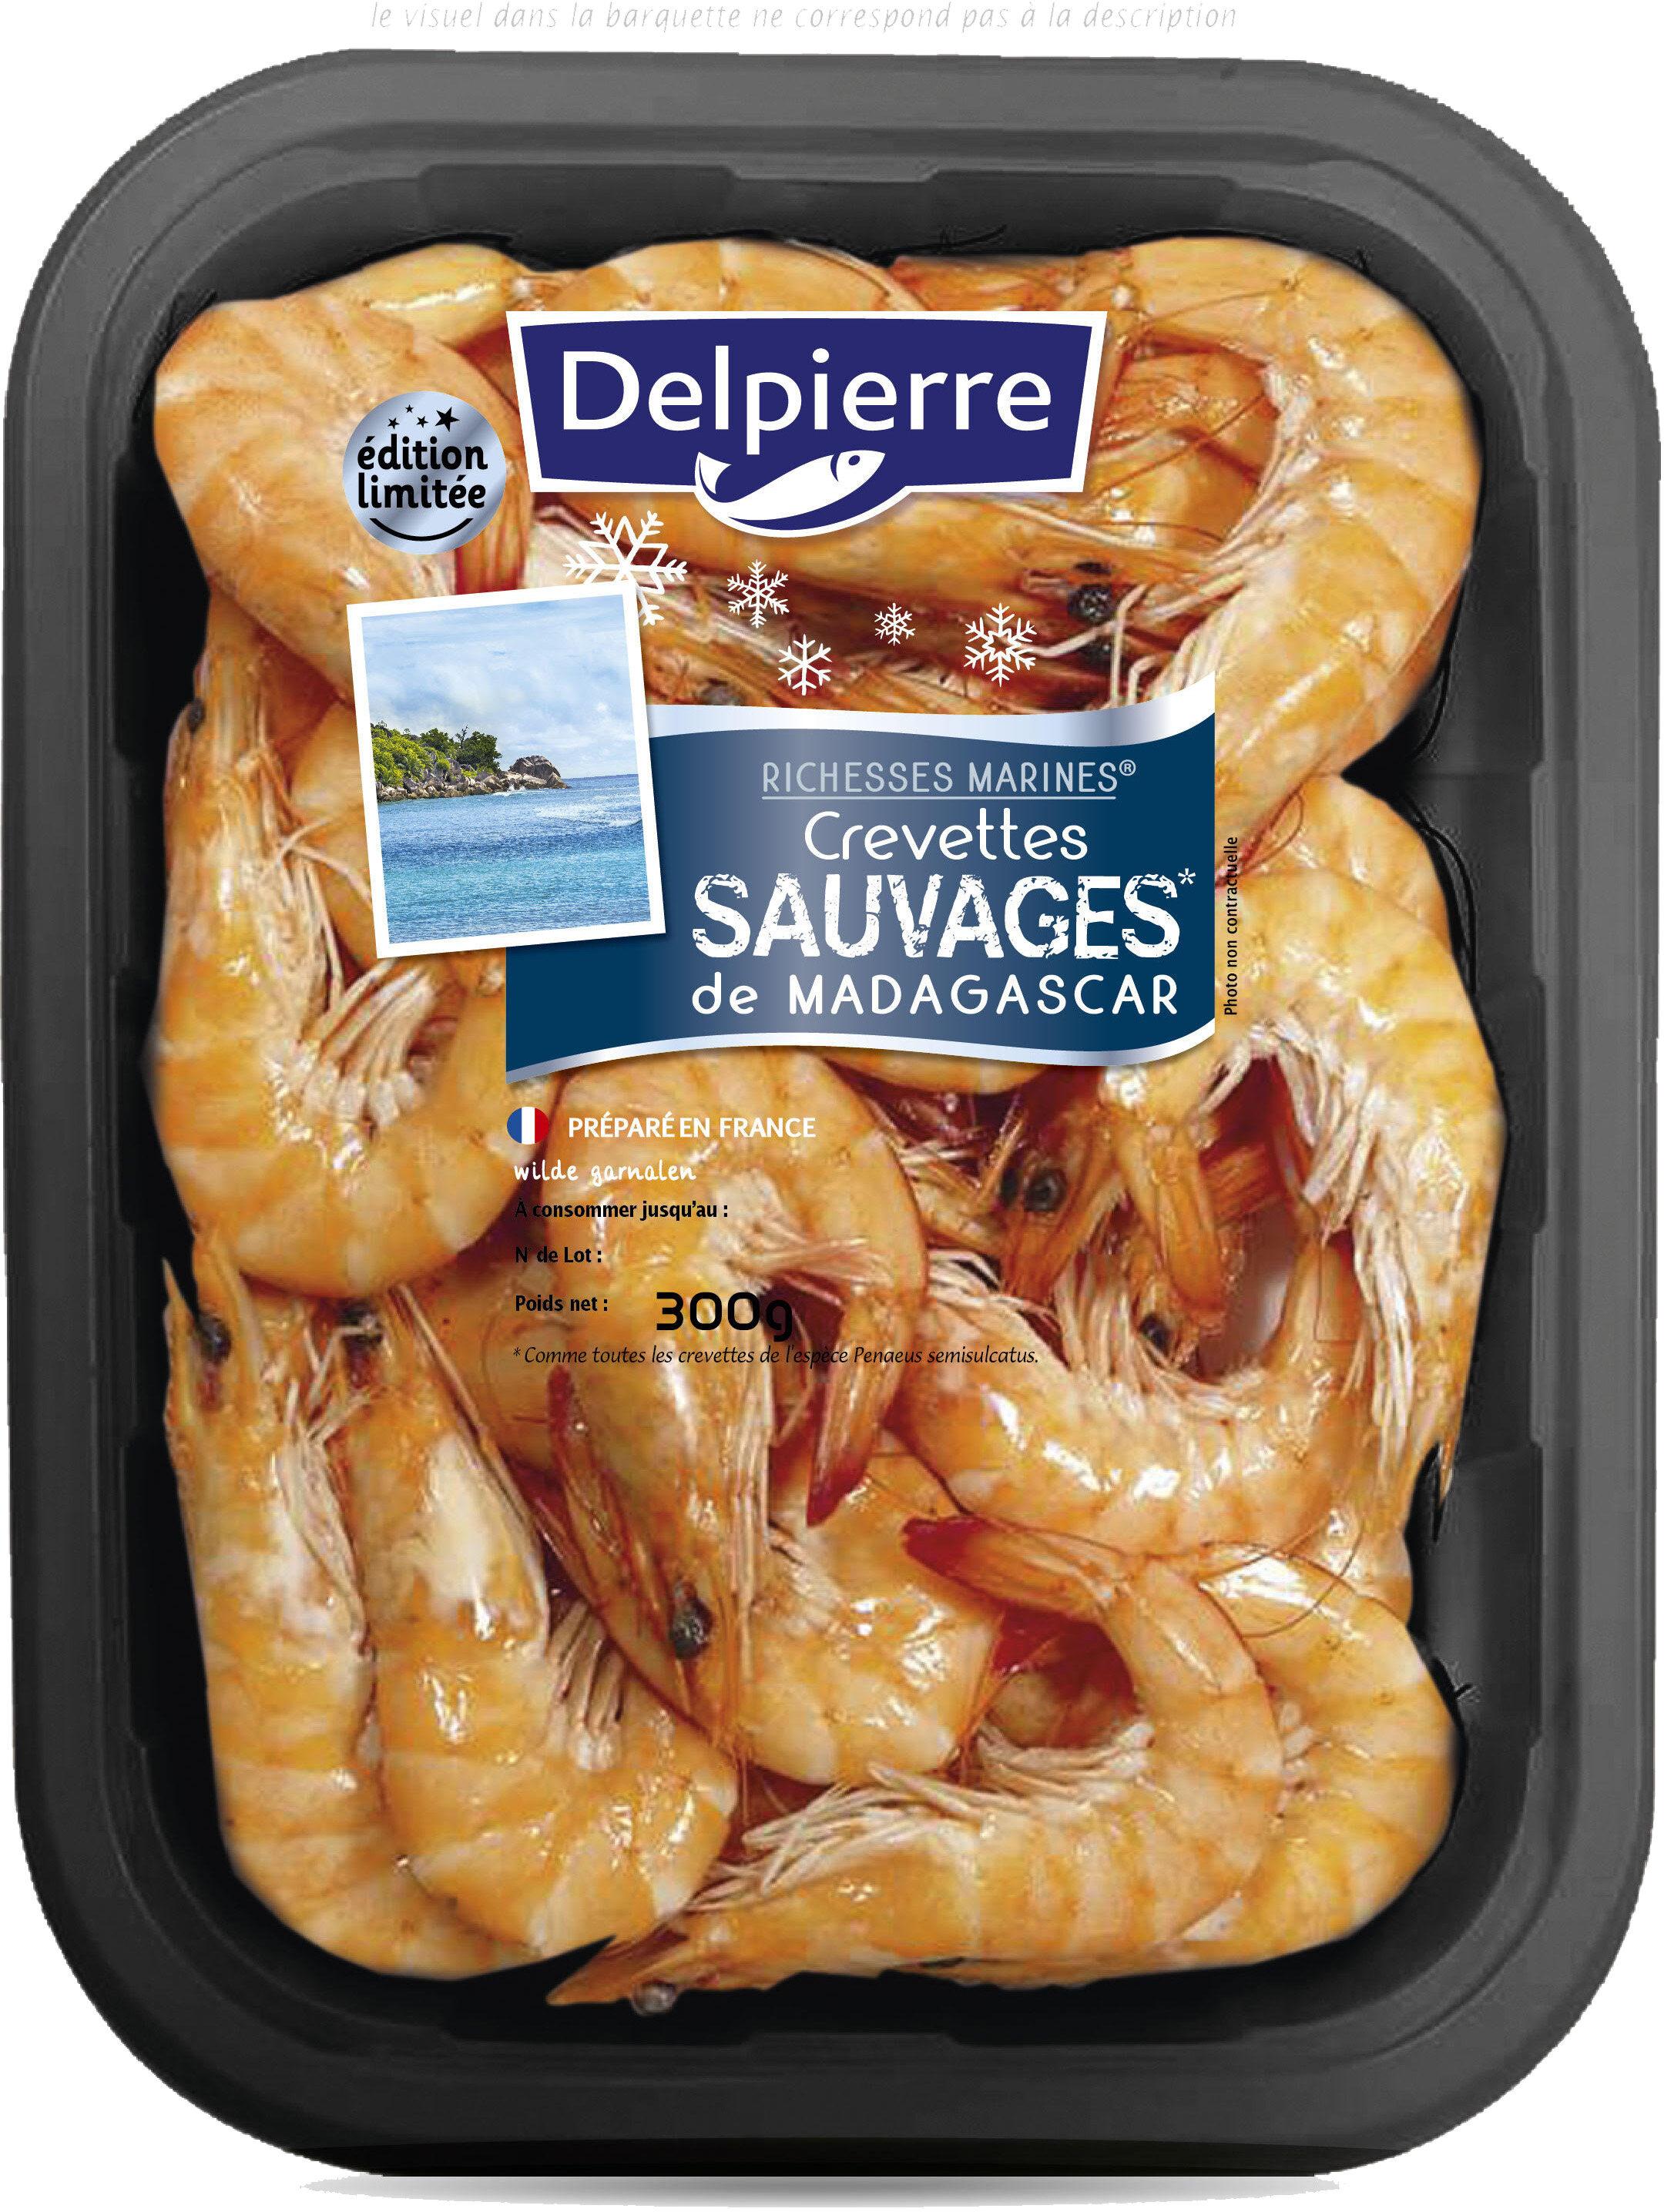 Crevettes sauvages Madagascar - Produit